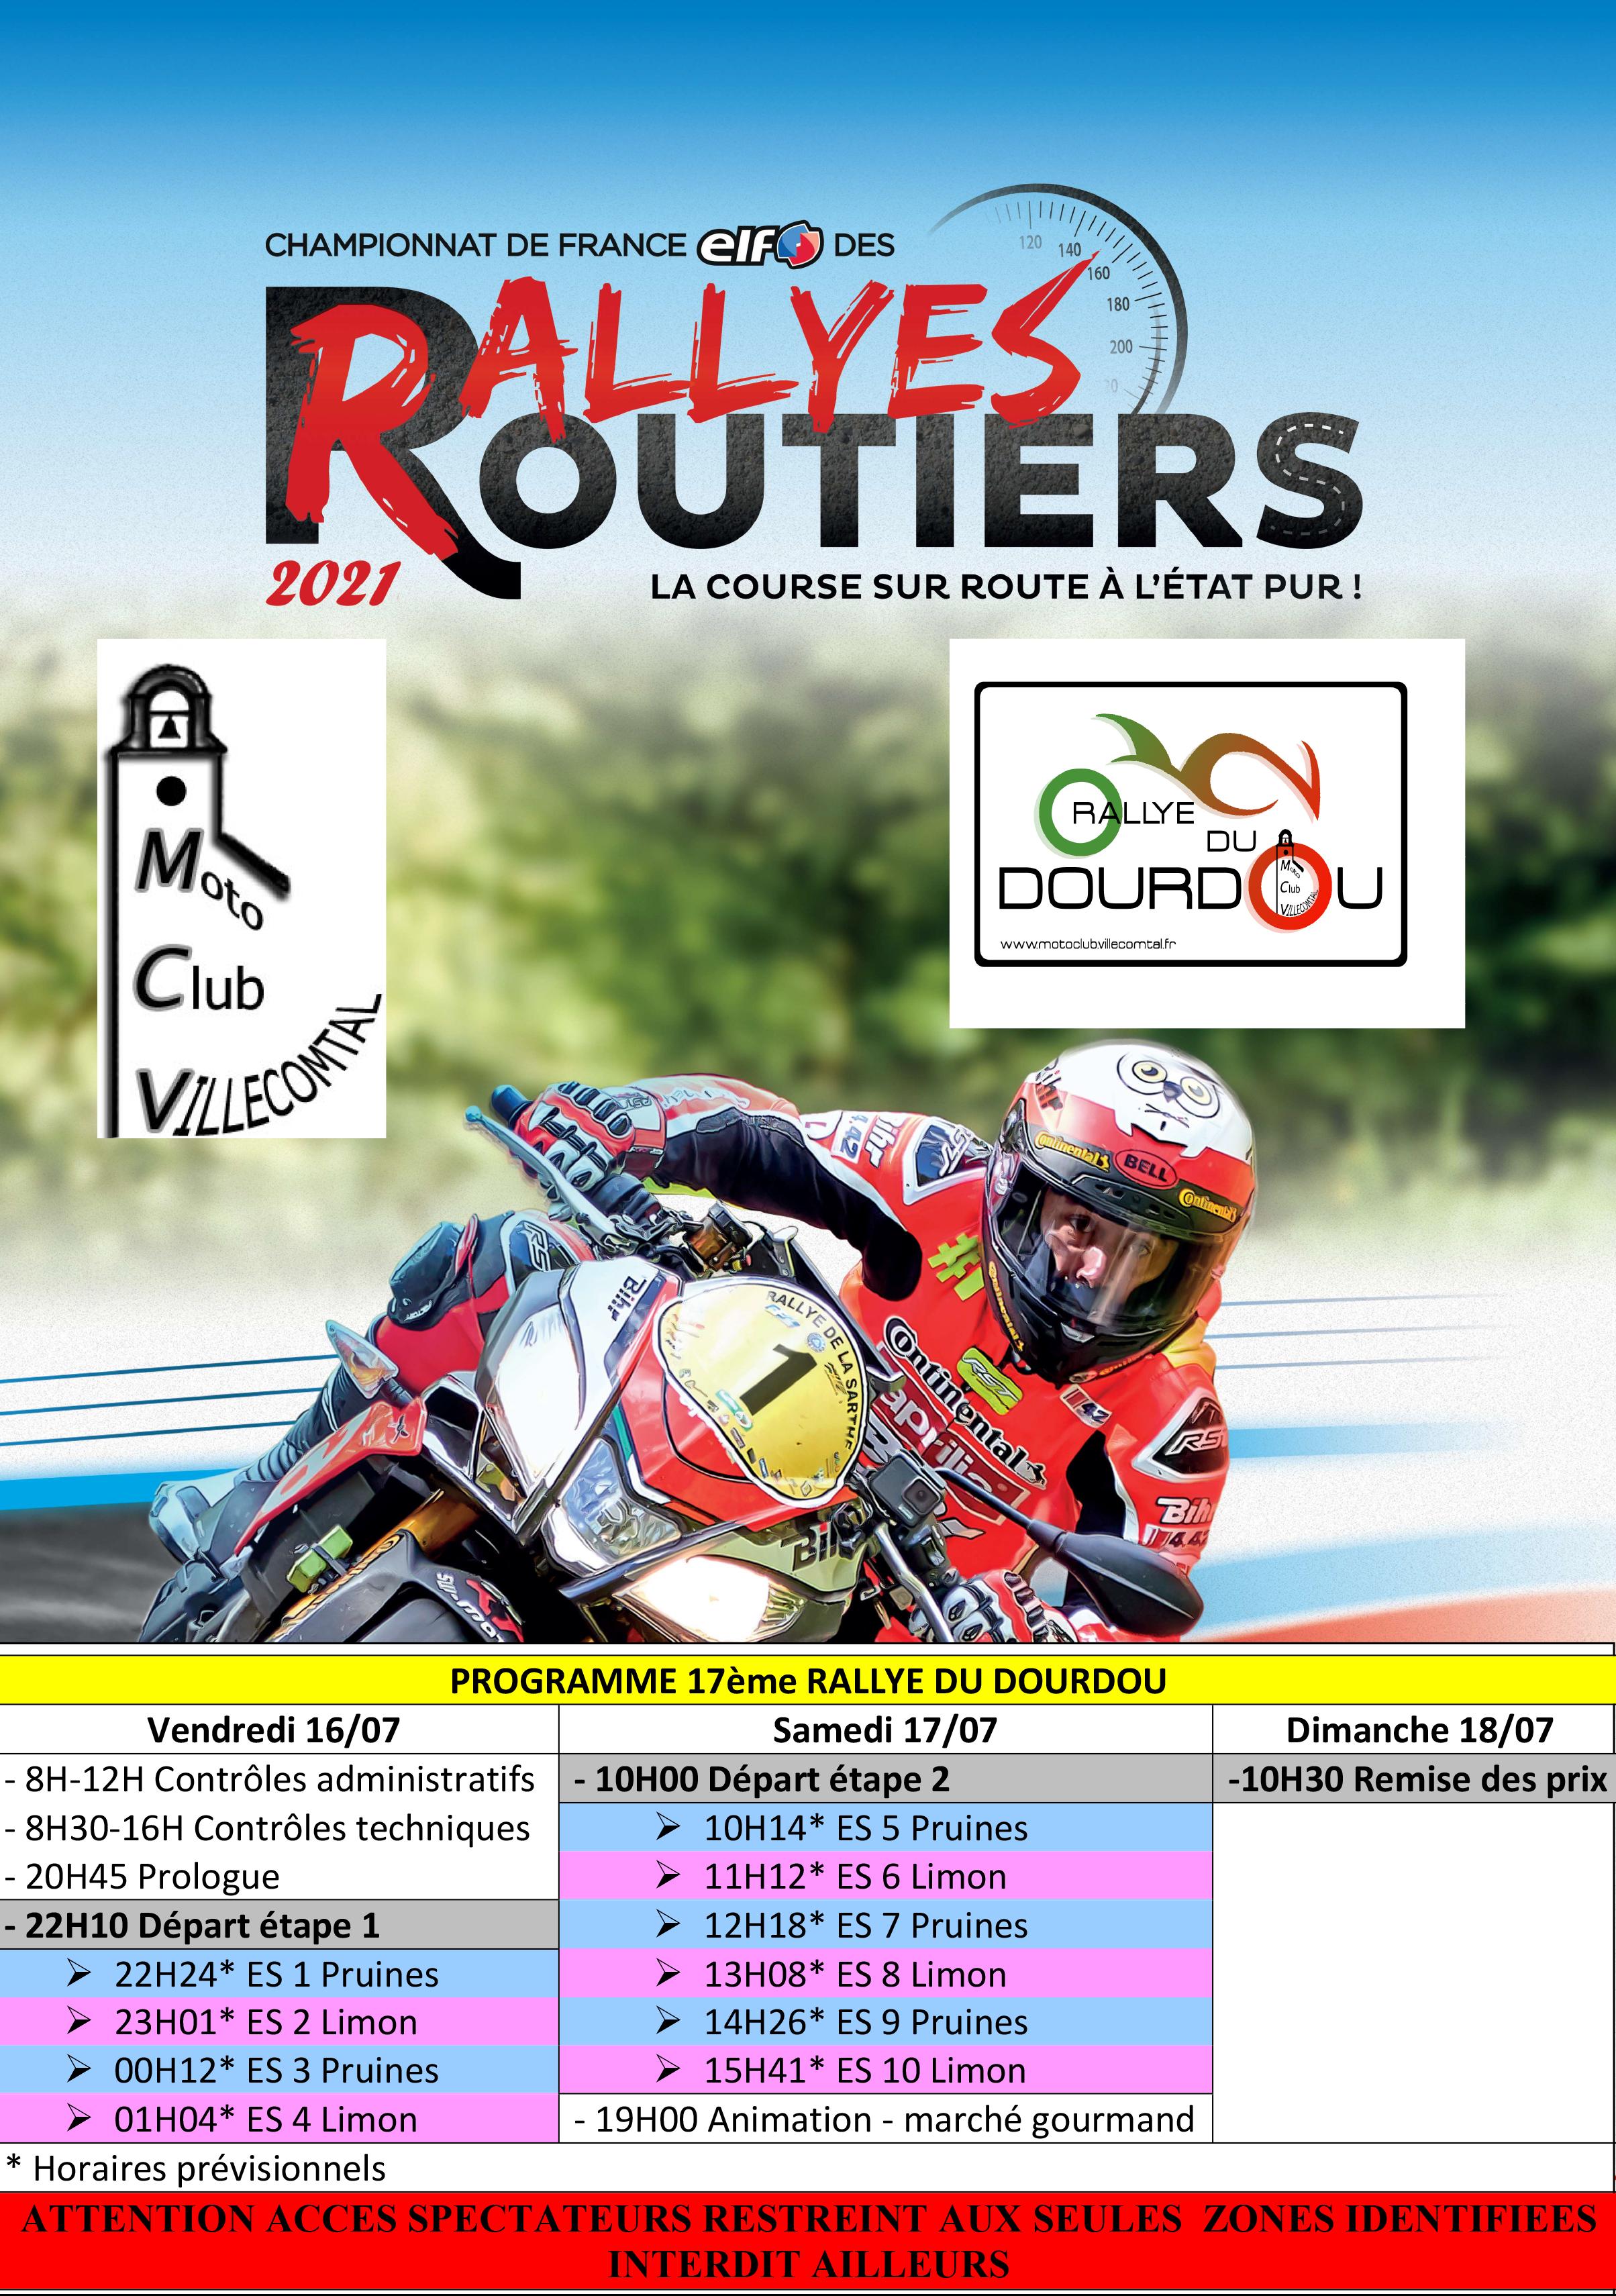 Programme du 17ème Rallye du Dourdou